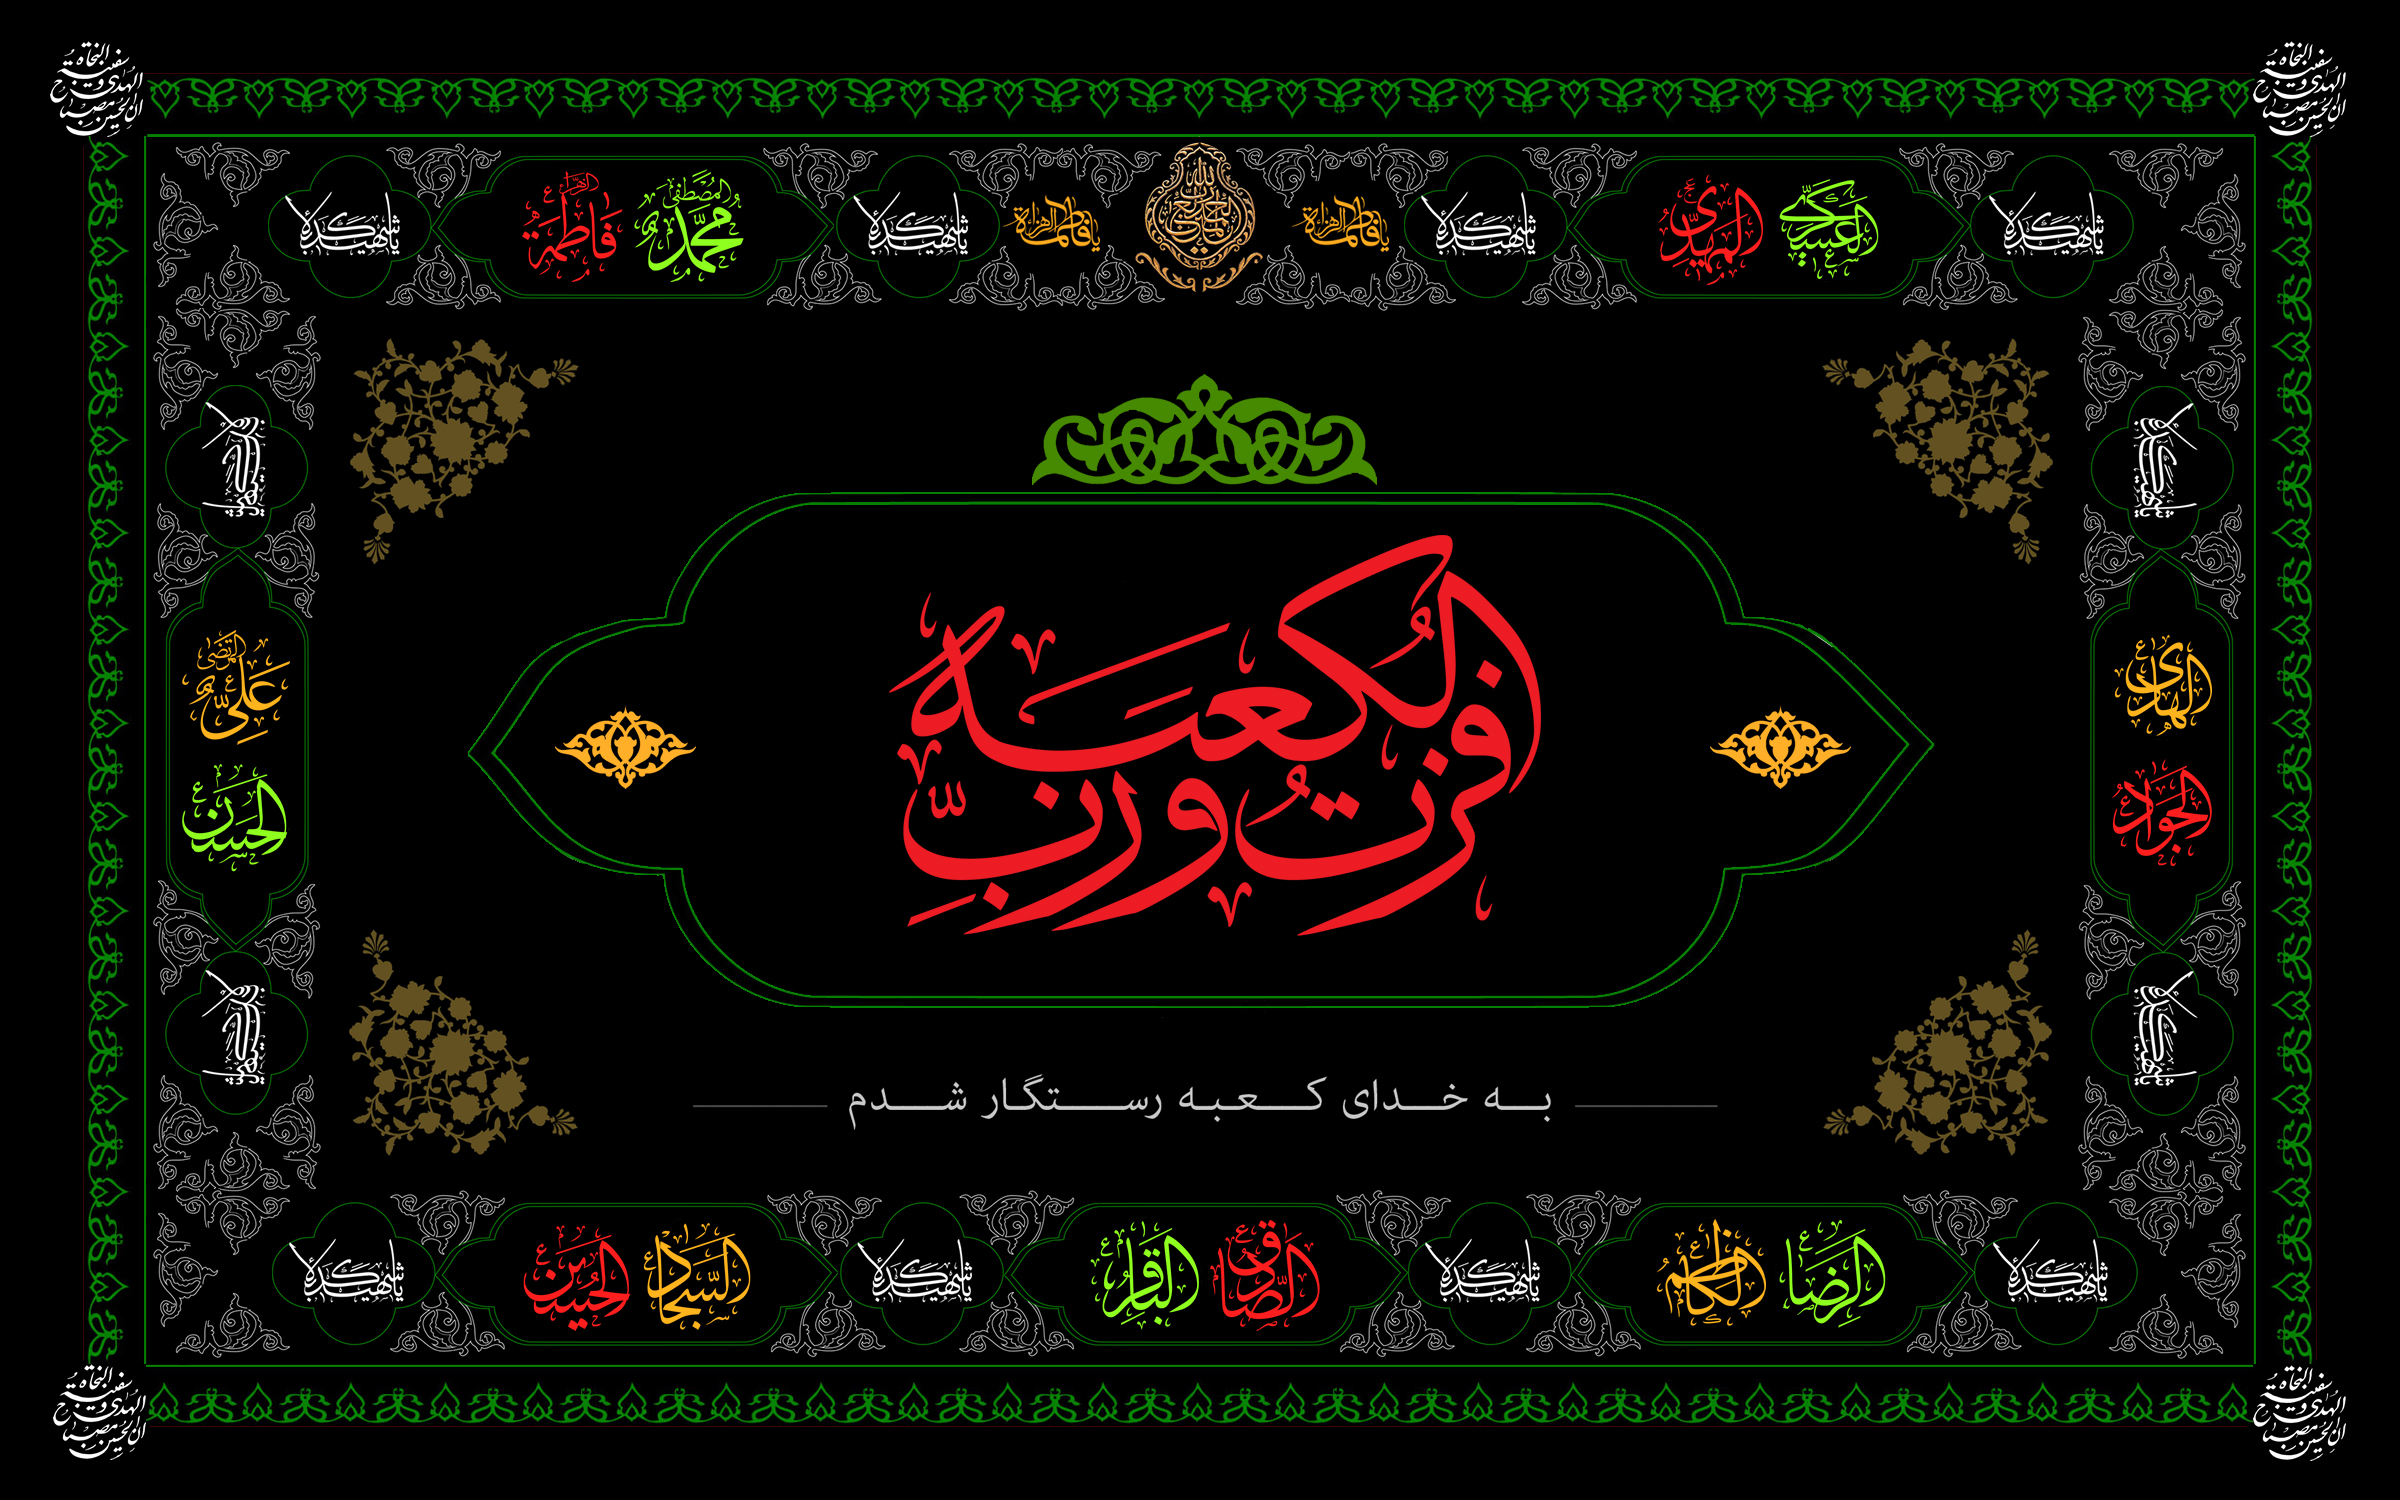 استوری اینستاگرام شب قدر پوستر شهادت حضرت علی (ع) عکس شهادت حضرت علی